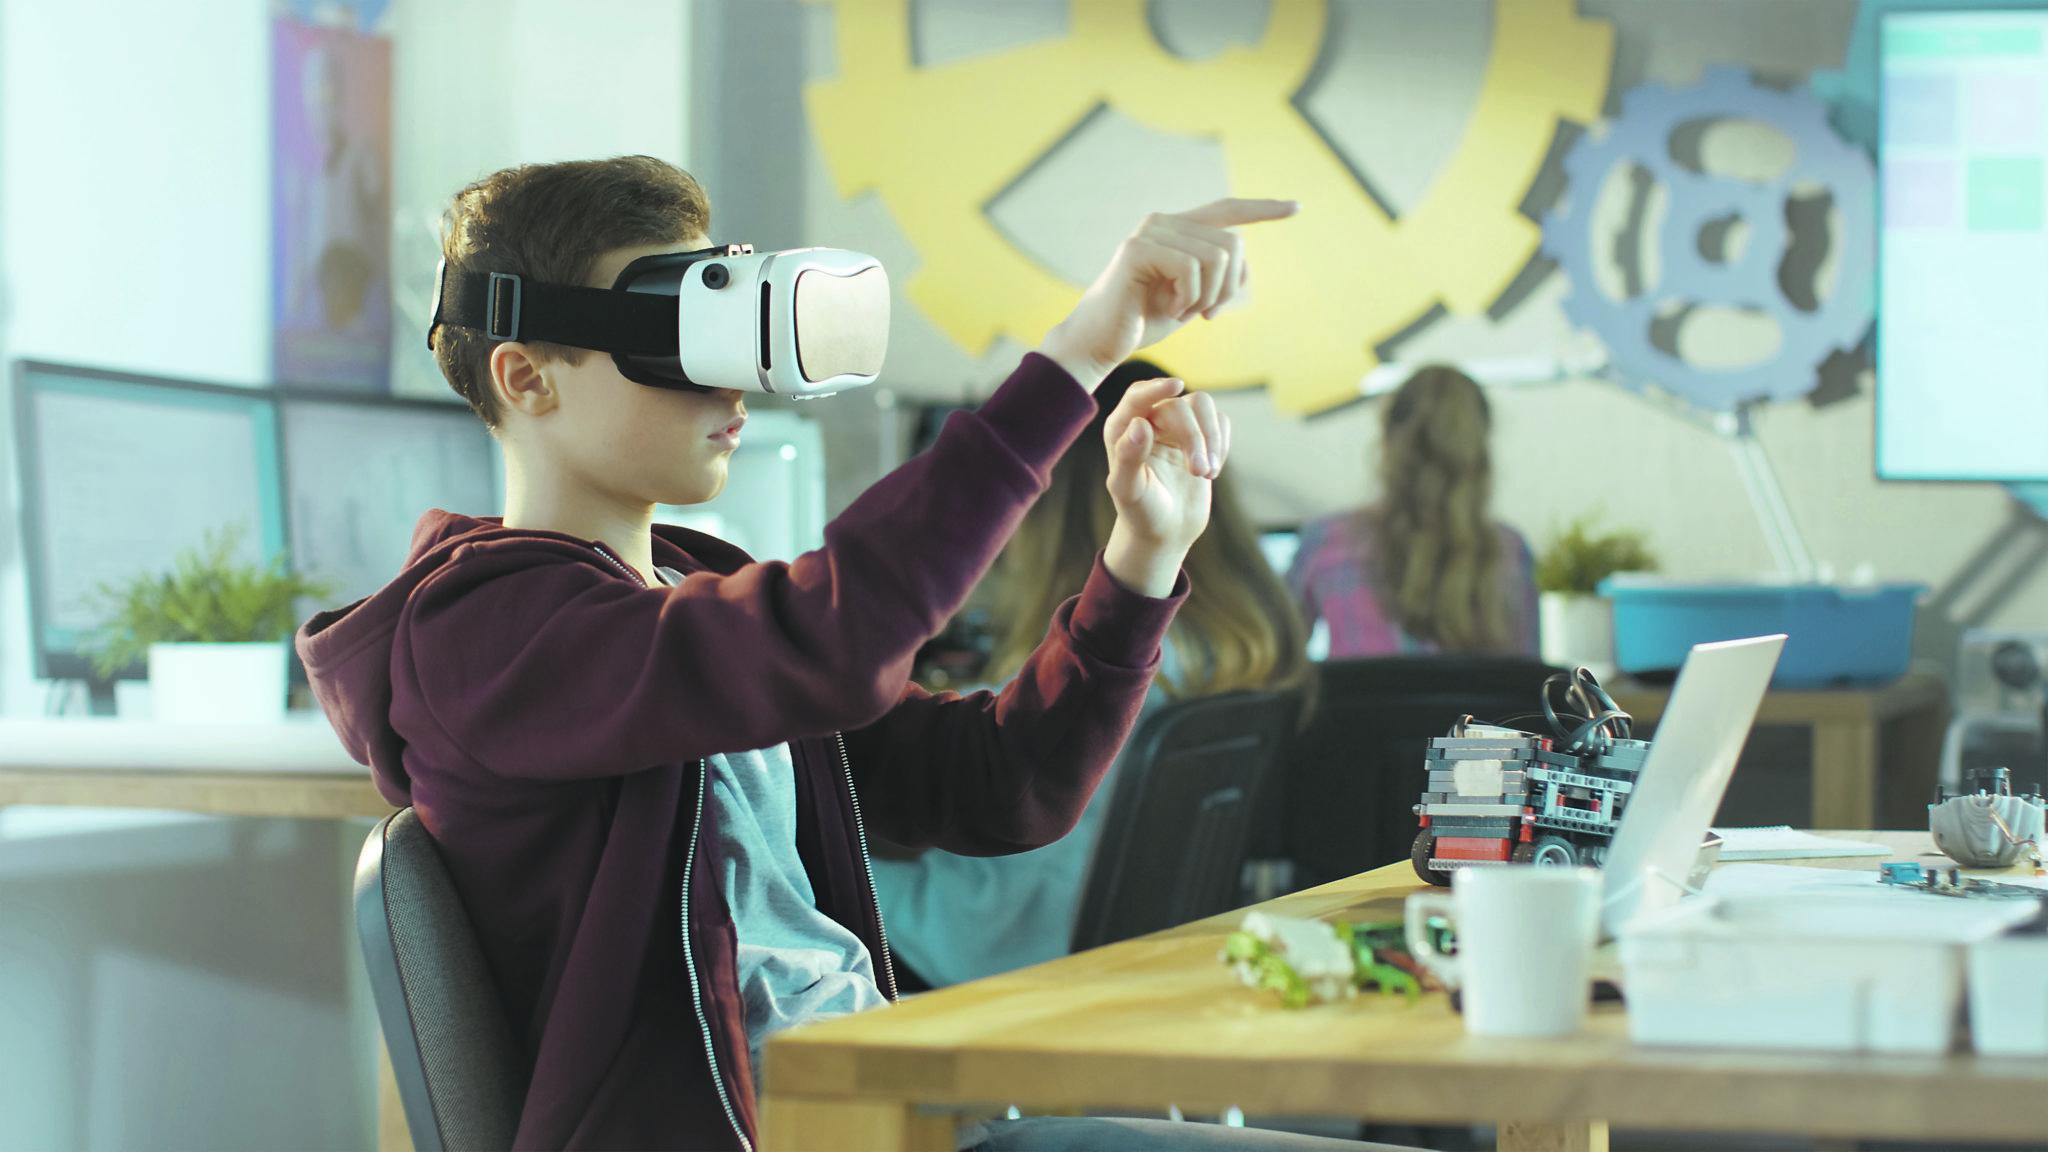 Die Zukunft der Bildung ist digital | ligital